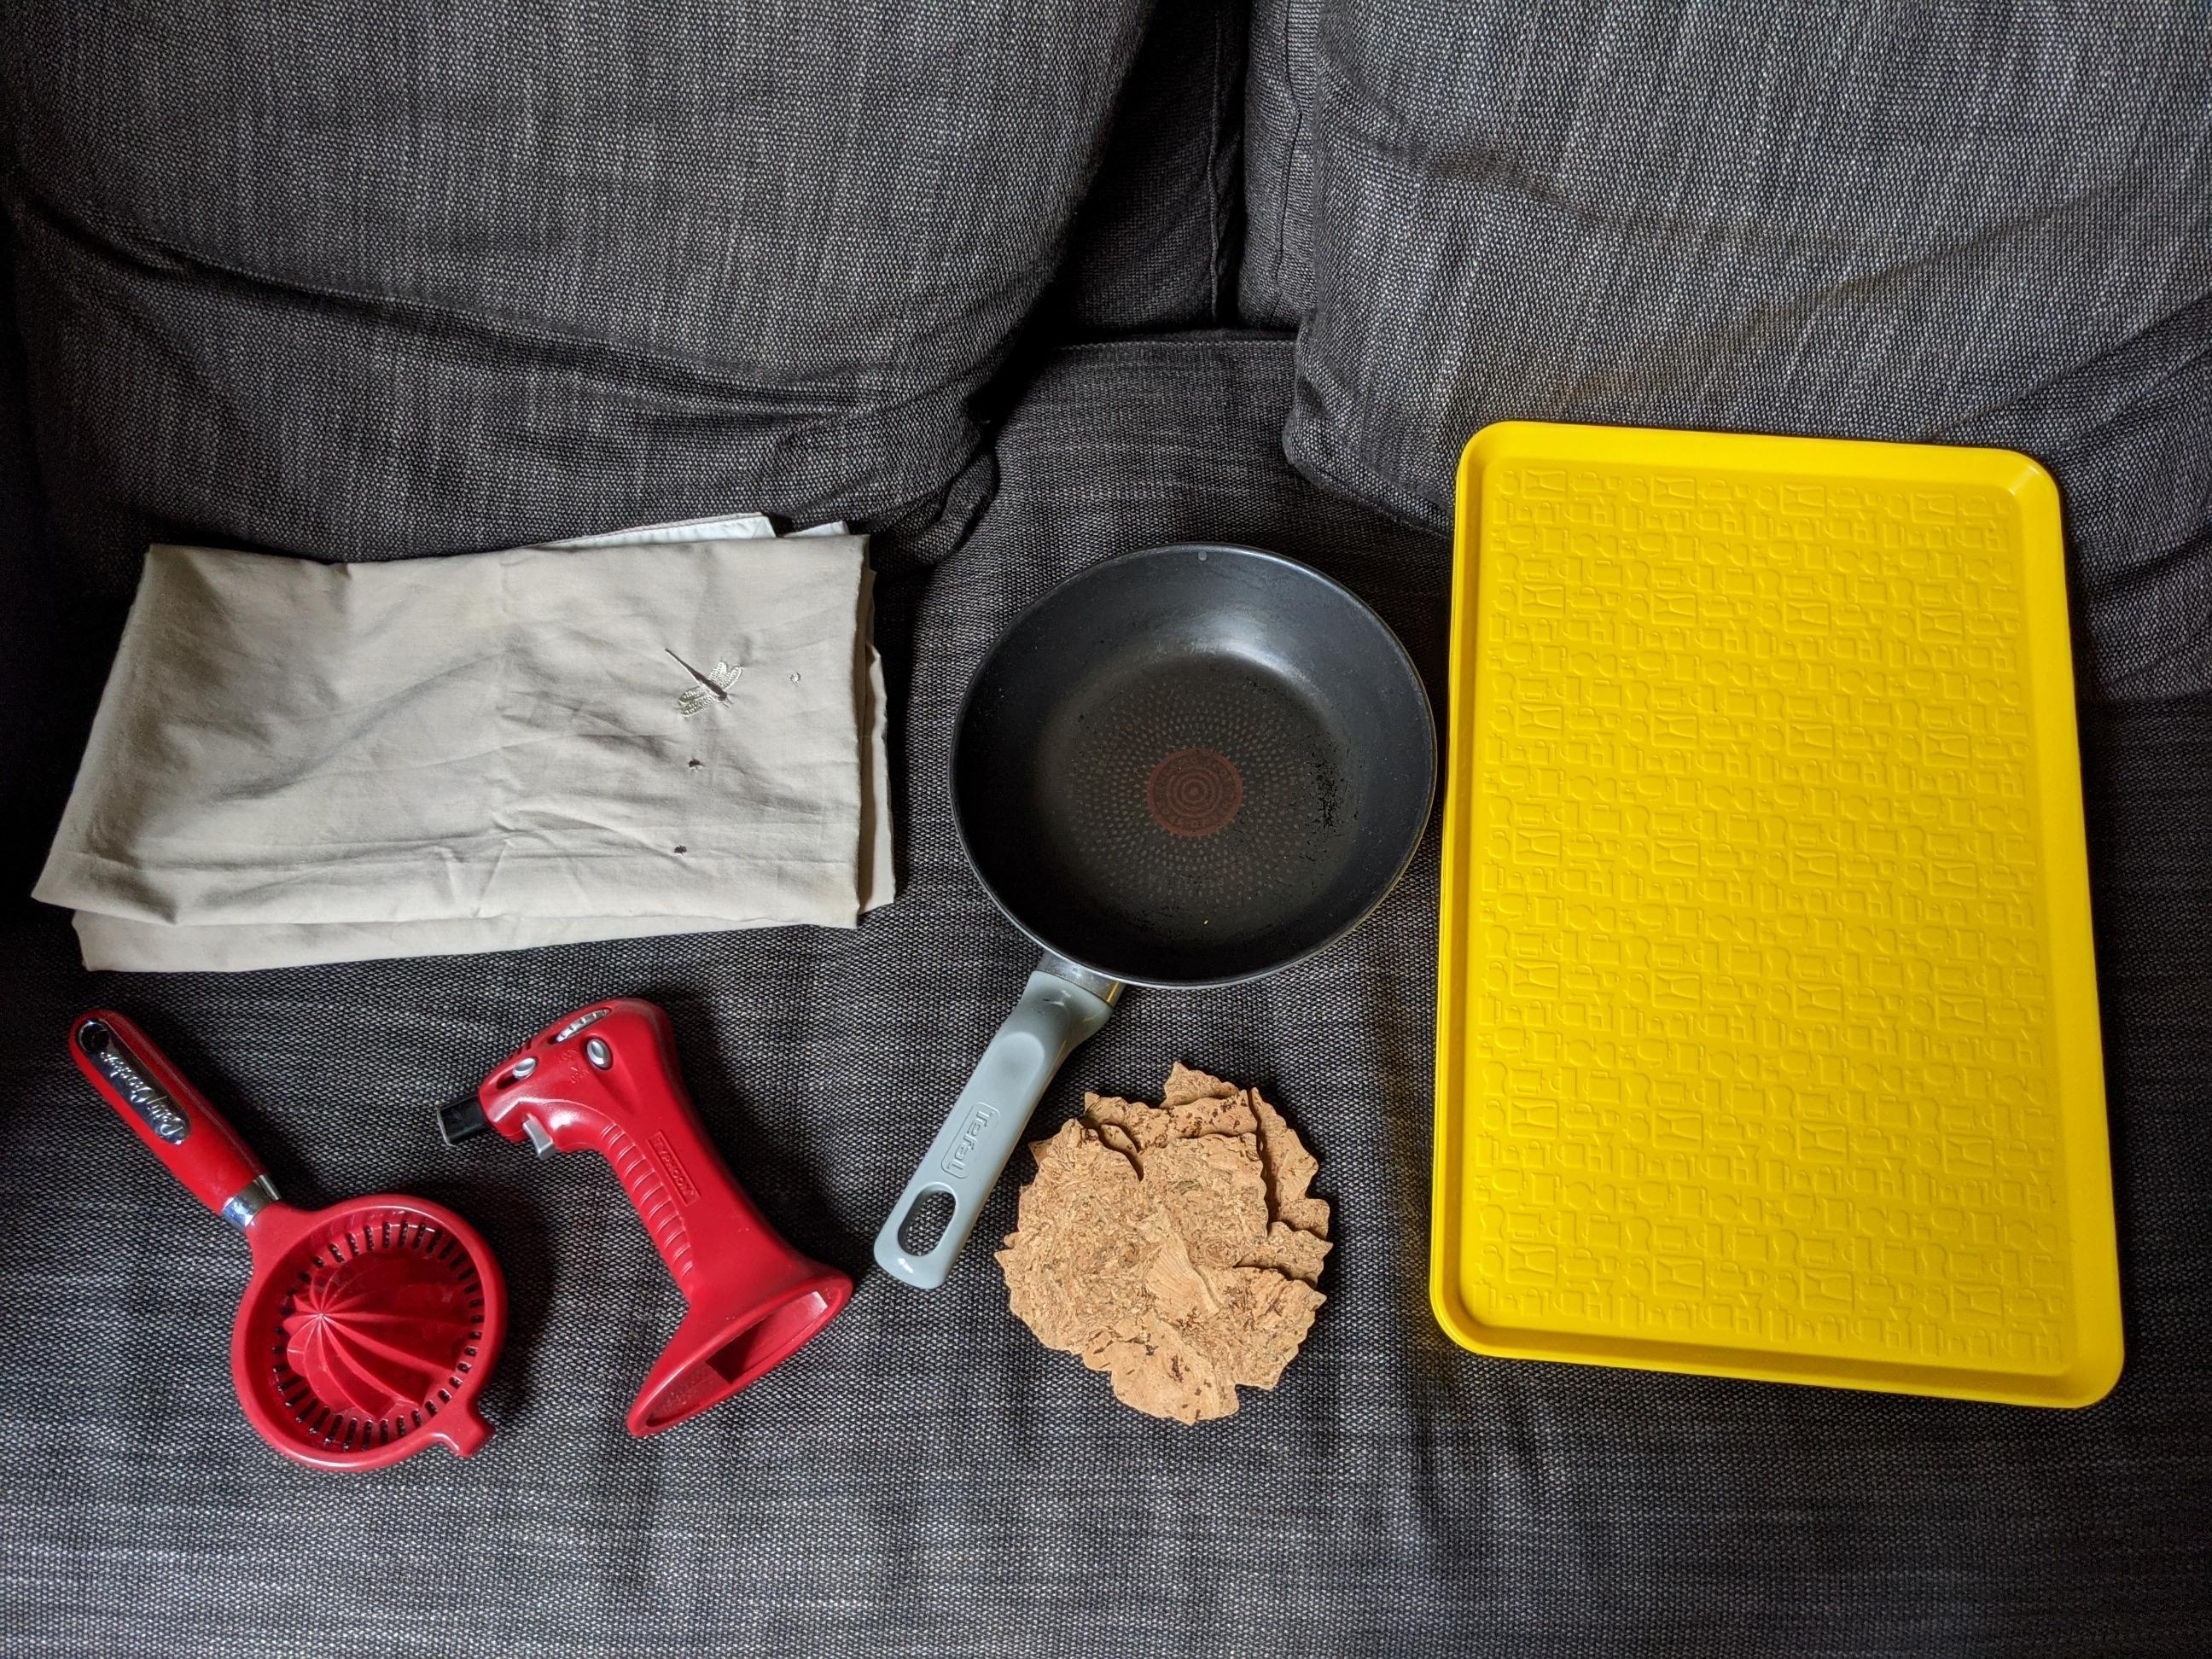 troc de troc divers objets cuisine image 0